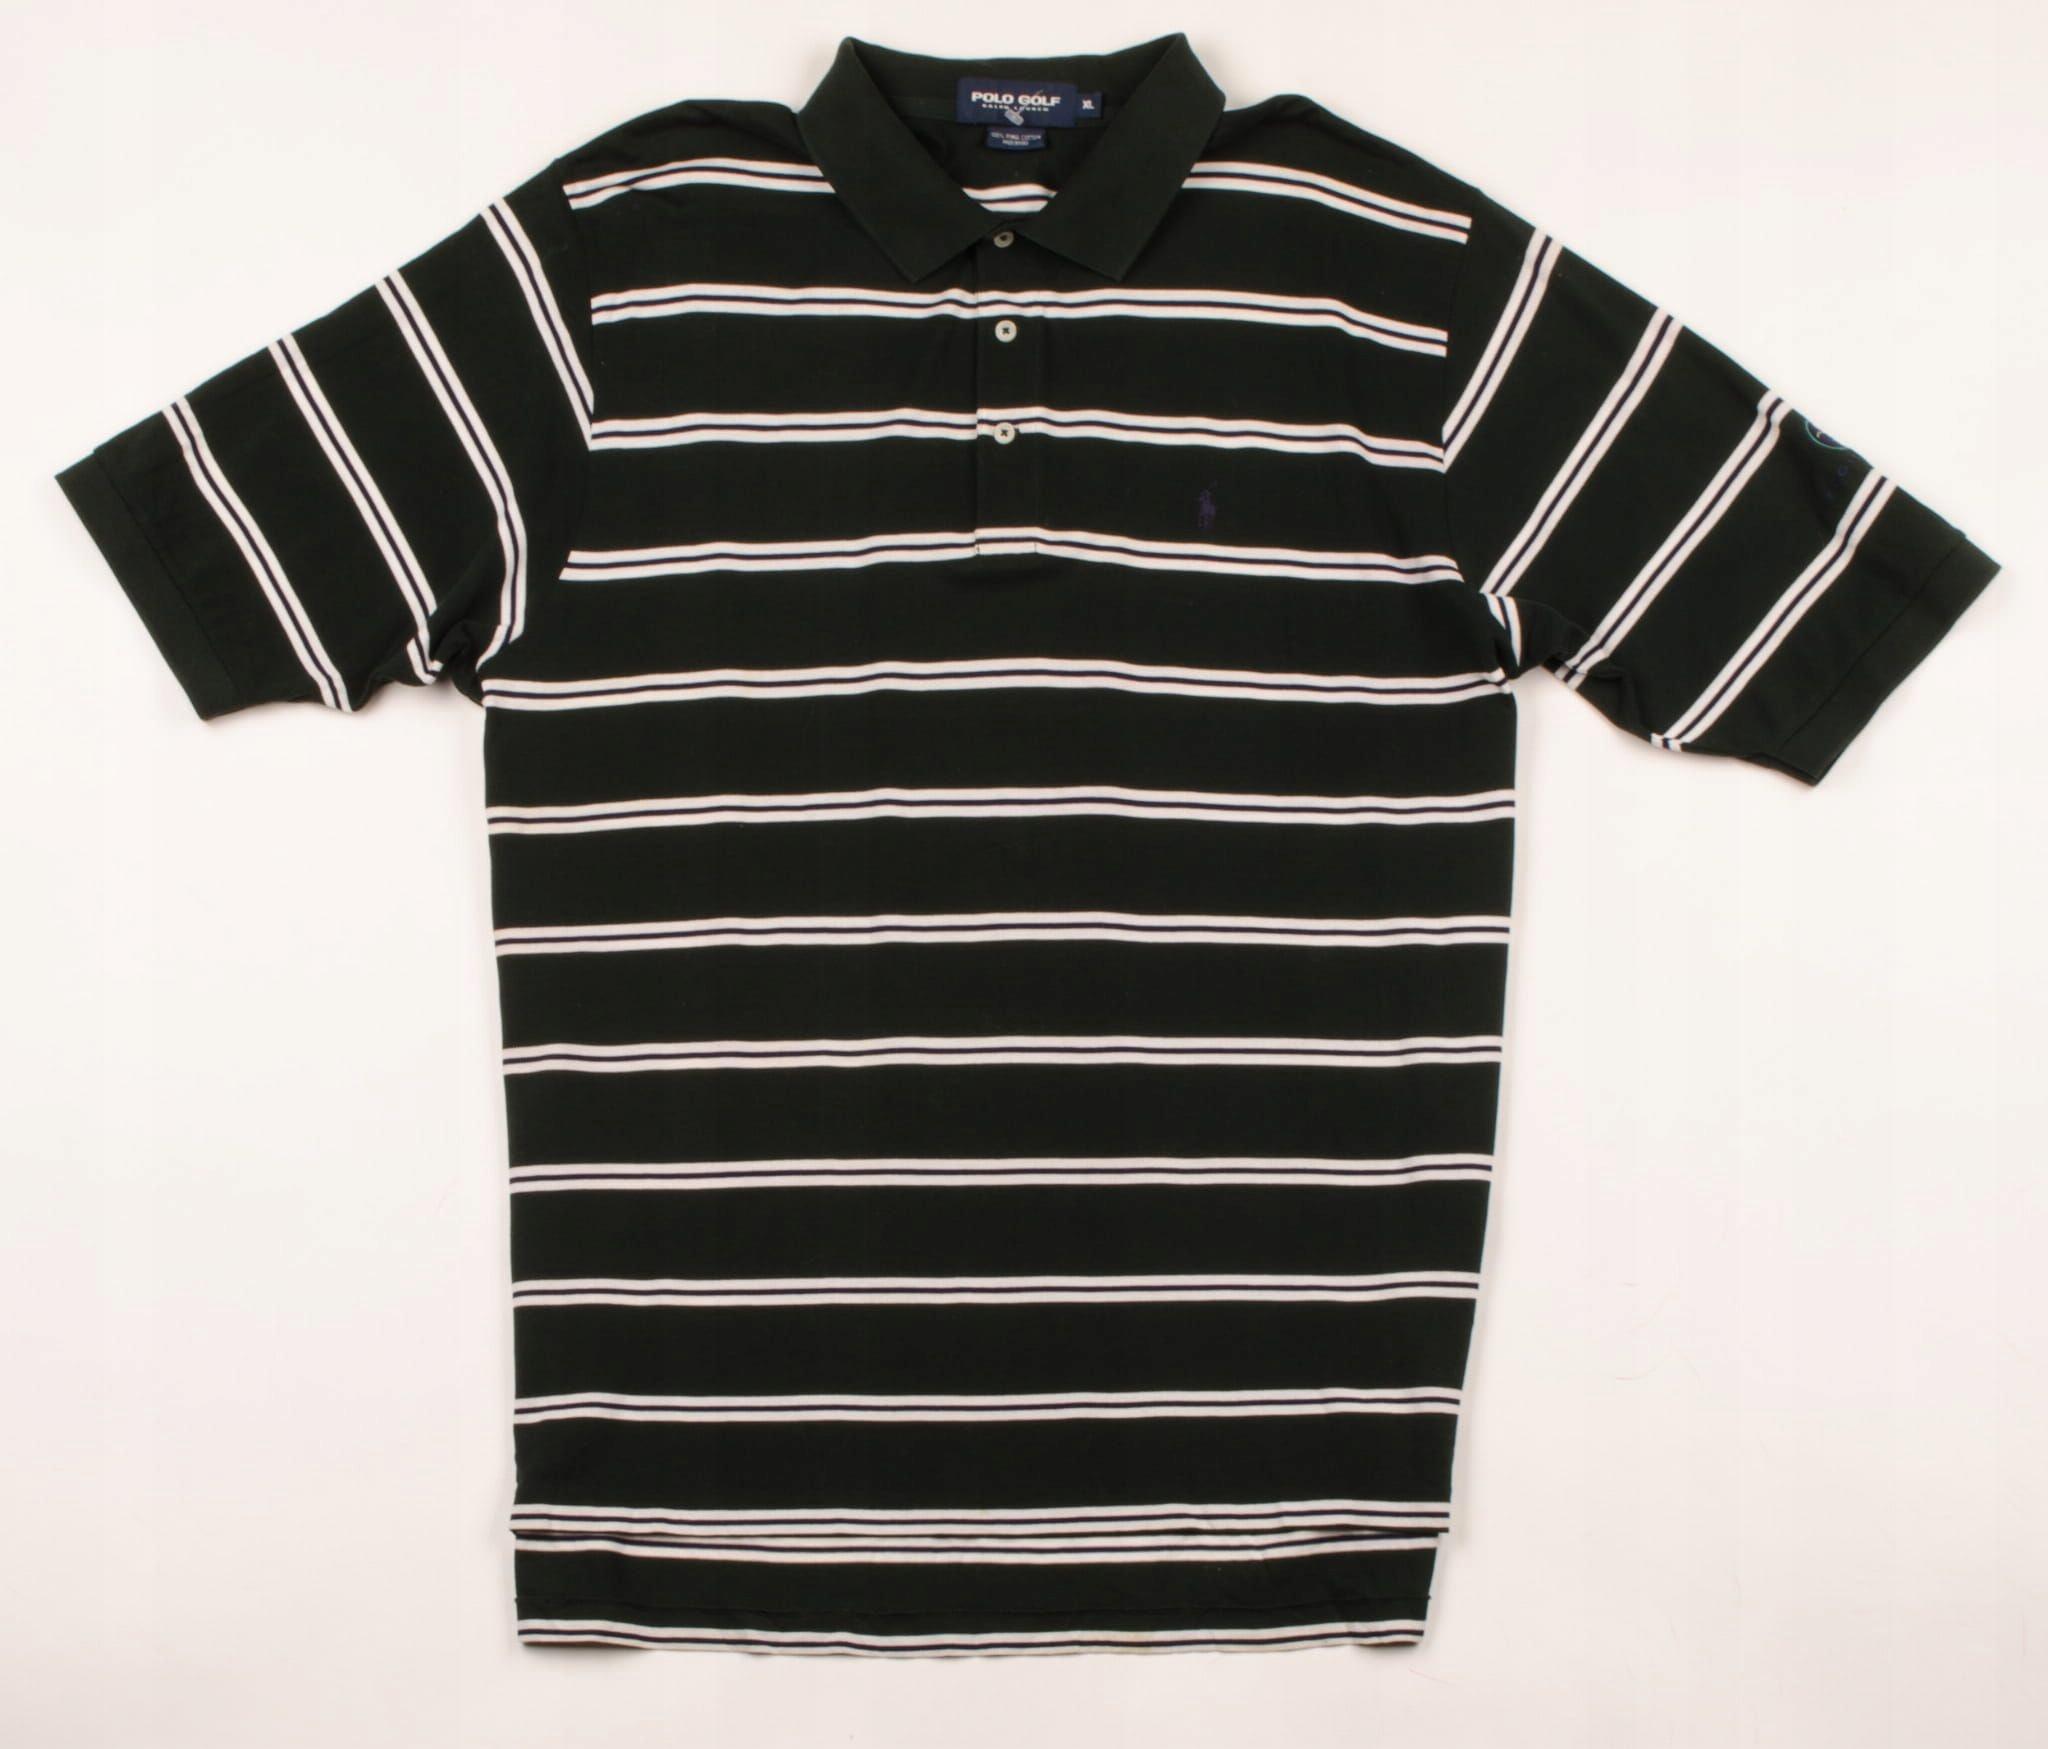 33138 Ralph Lauren Koszulka Polo Męska XL